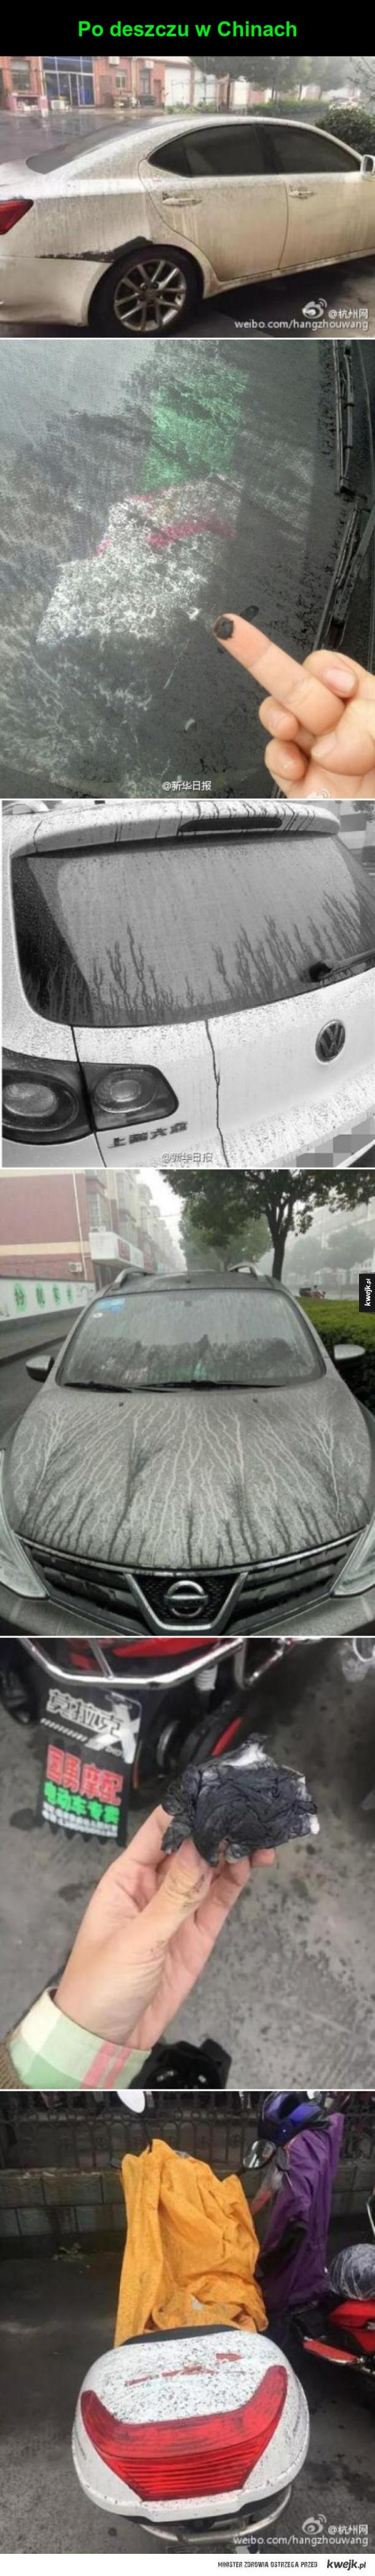 deszcz w Chinach